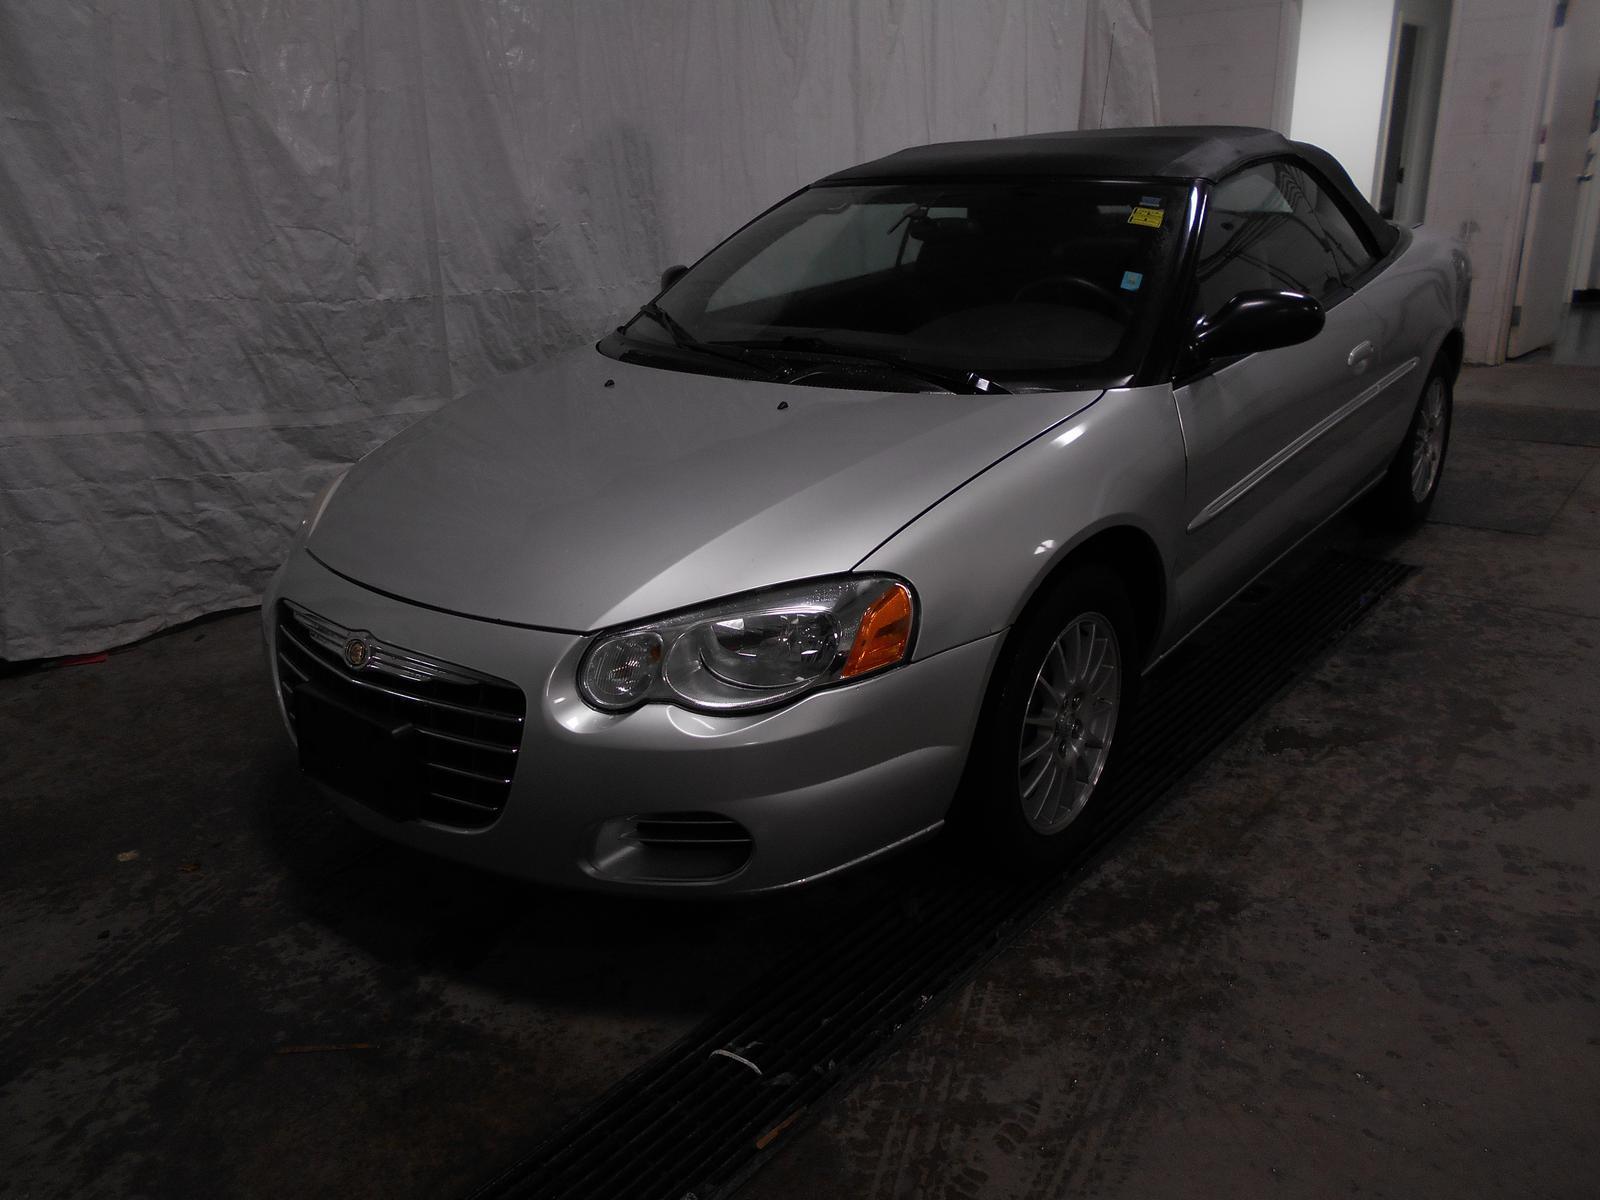 2005 Chrysler 200